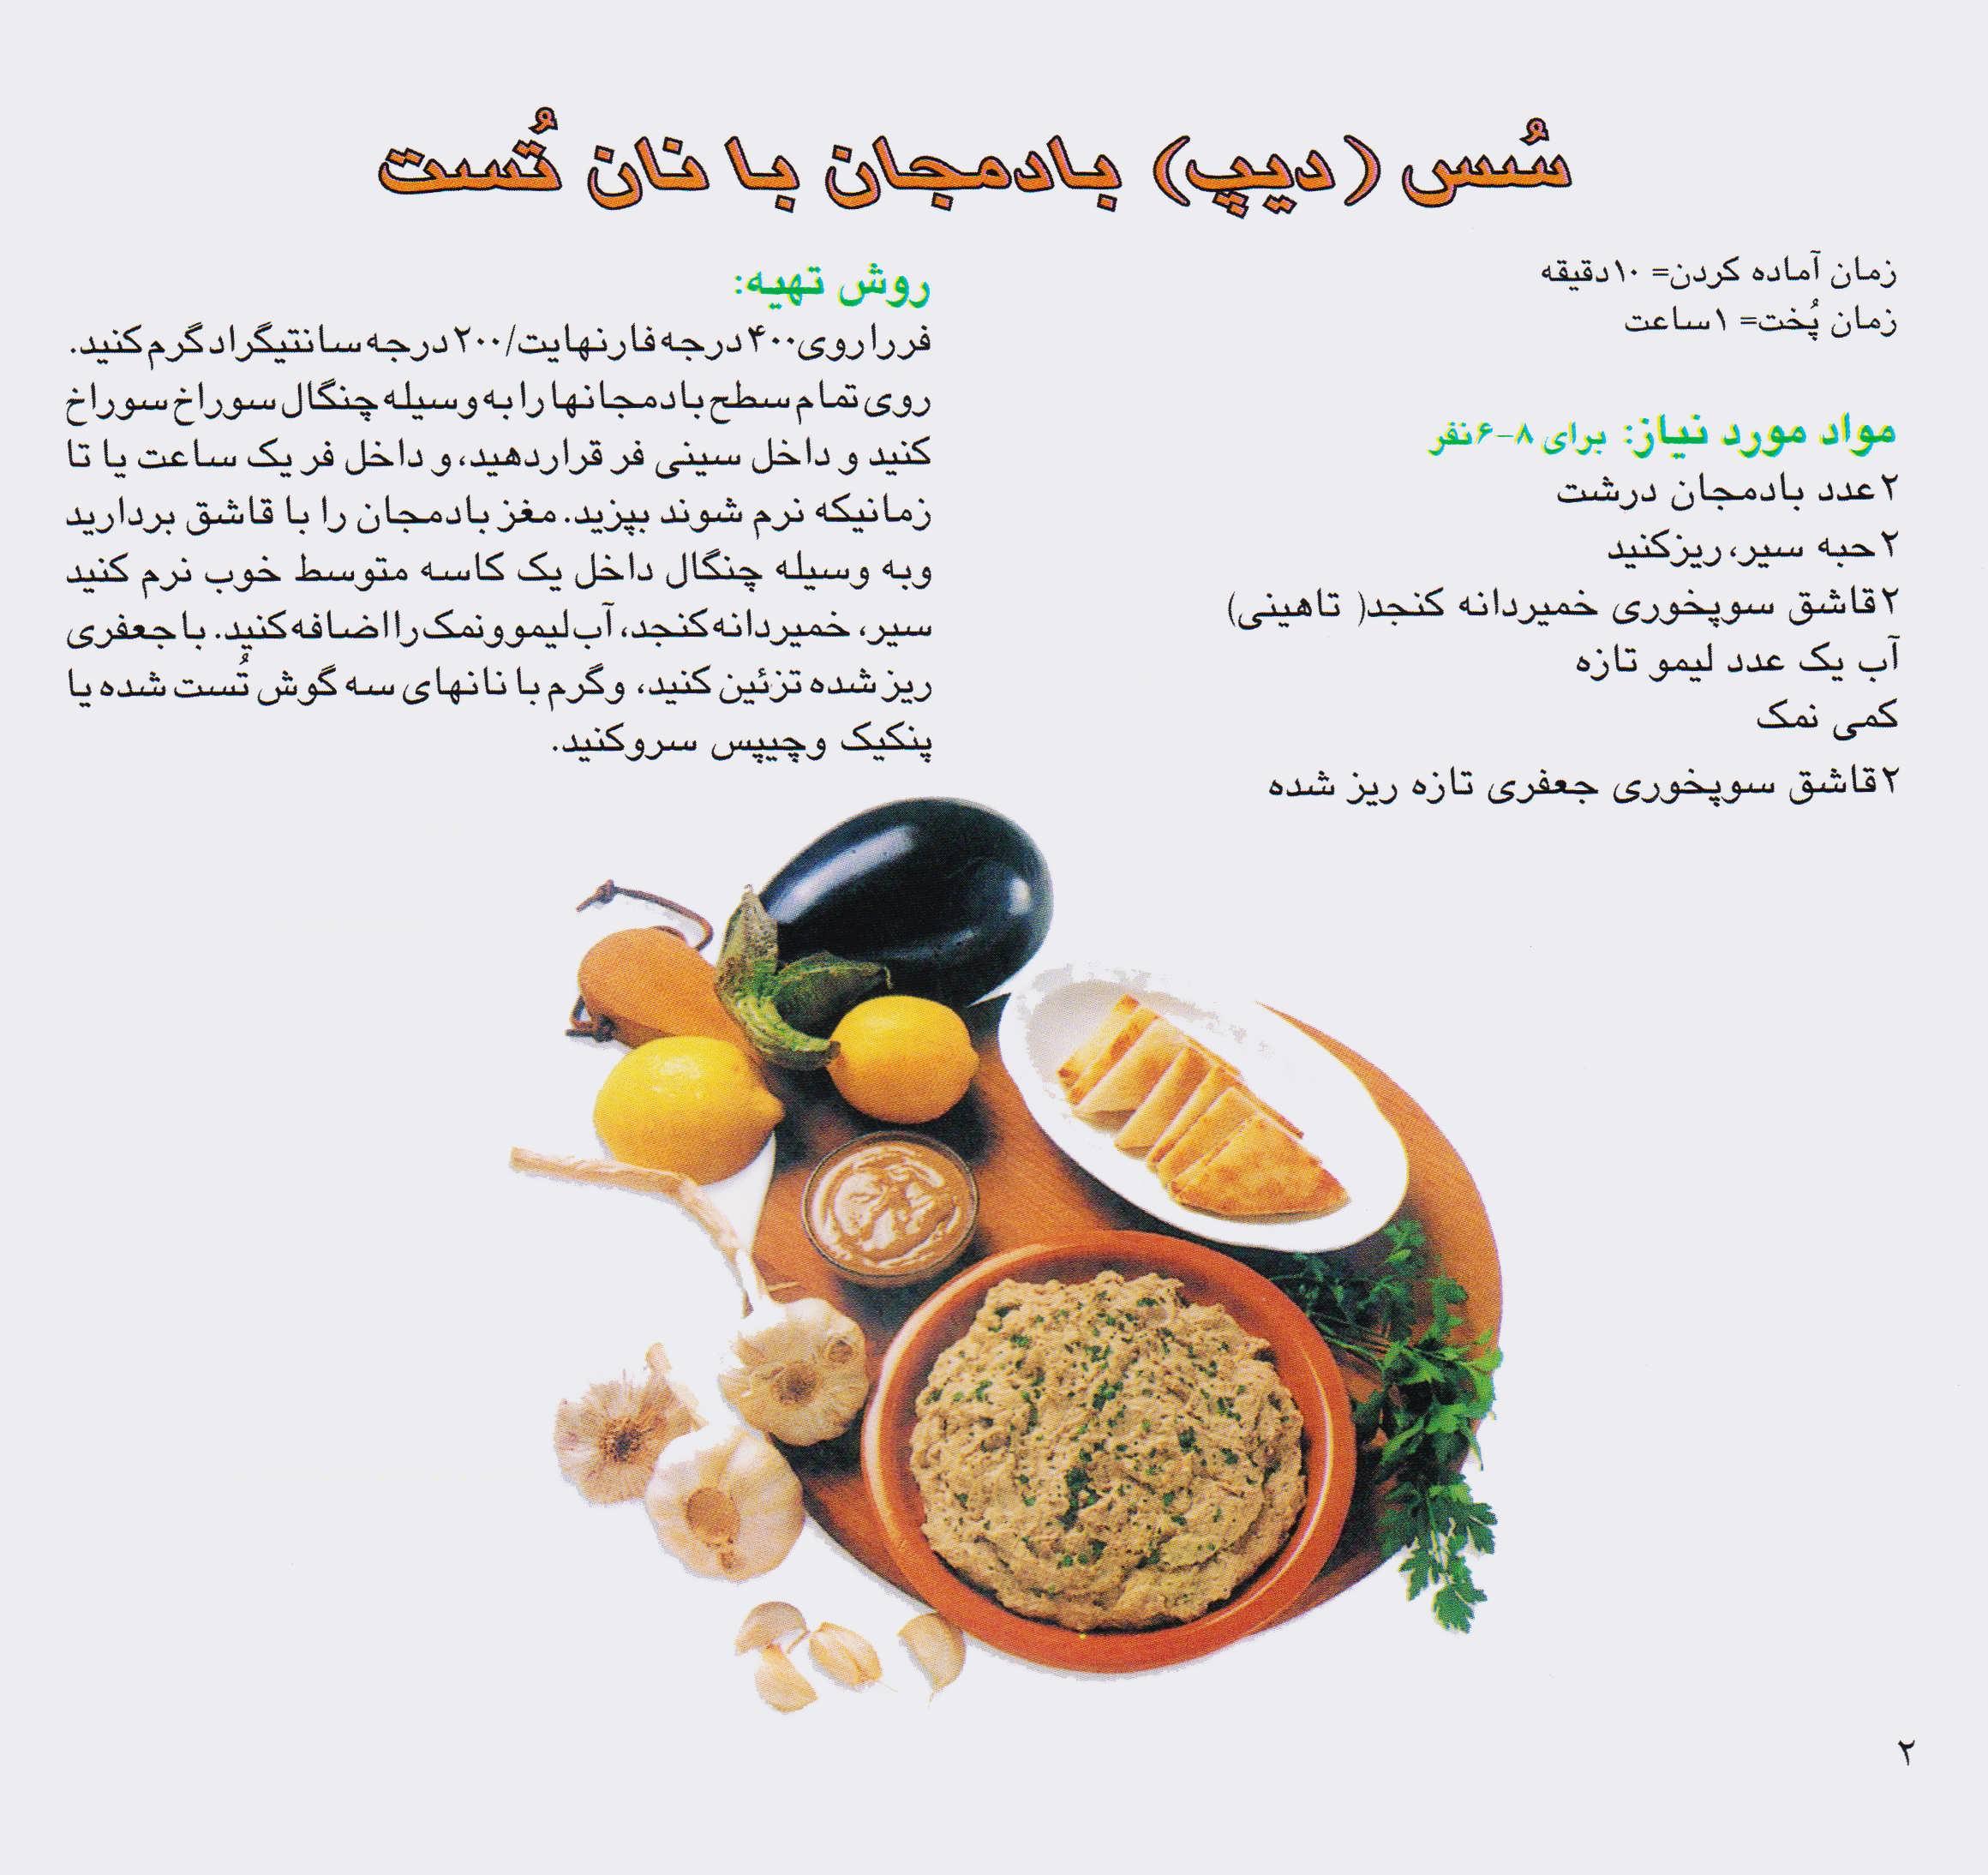 دنیای هنر غذاهای انگشتی (گلاسه)